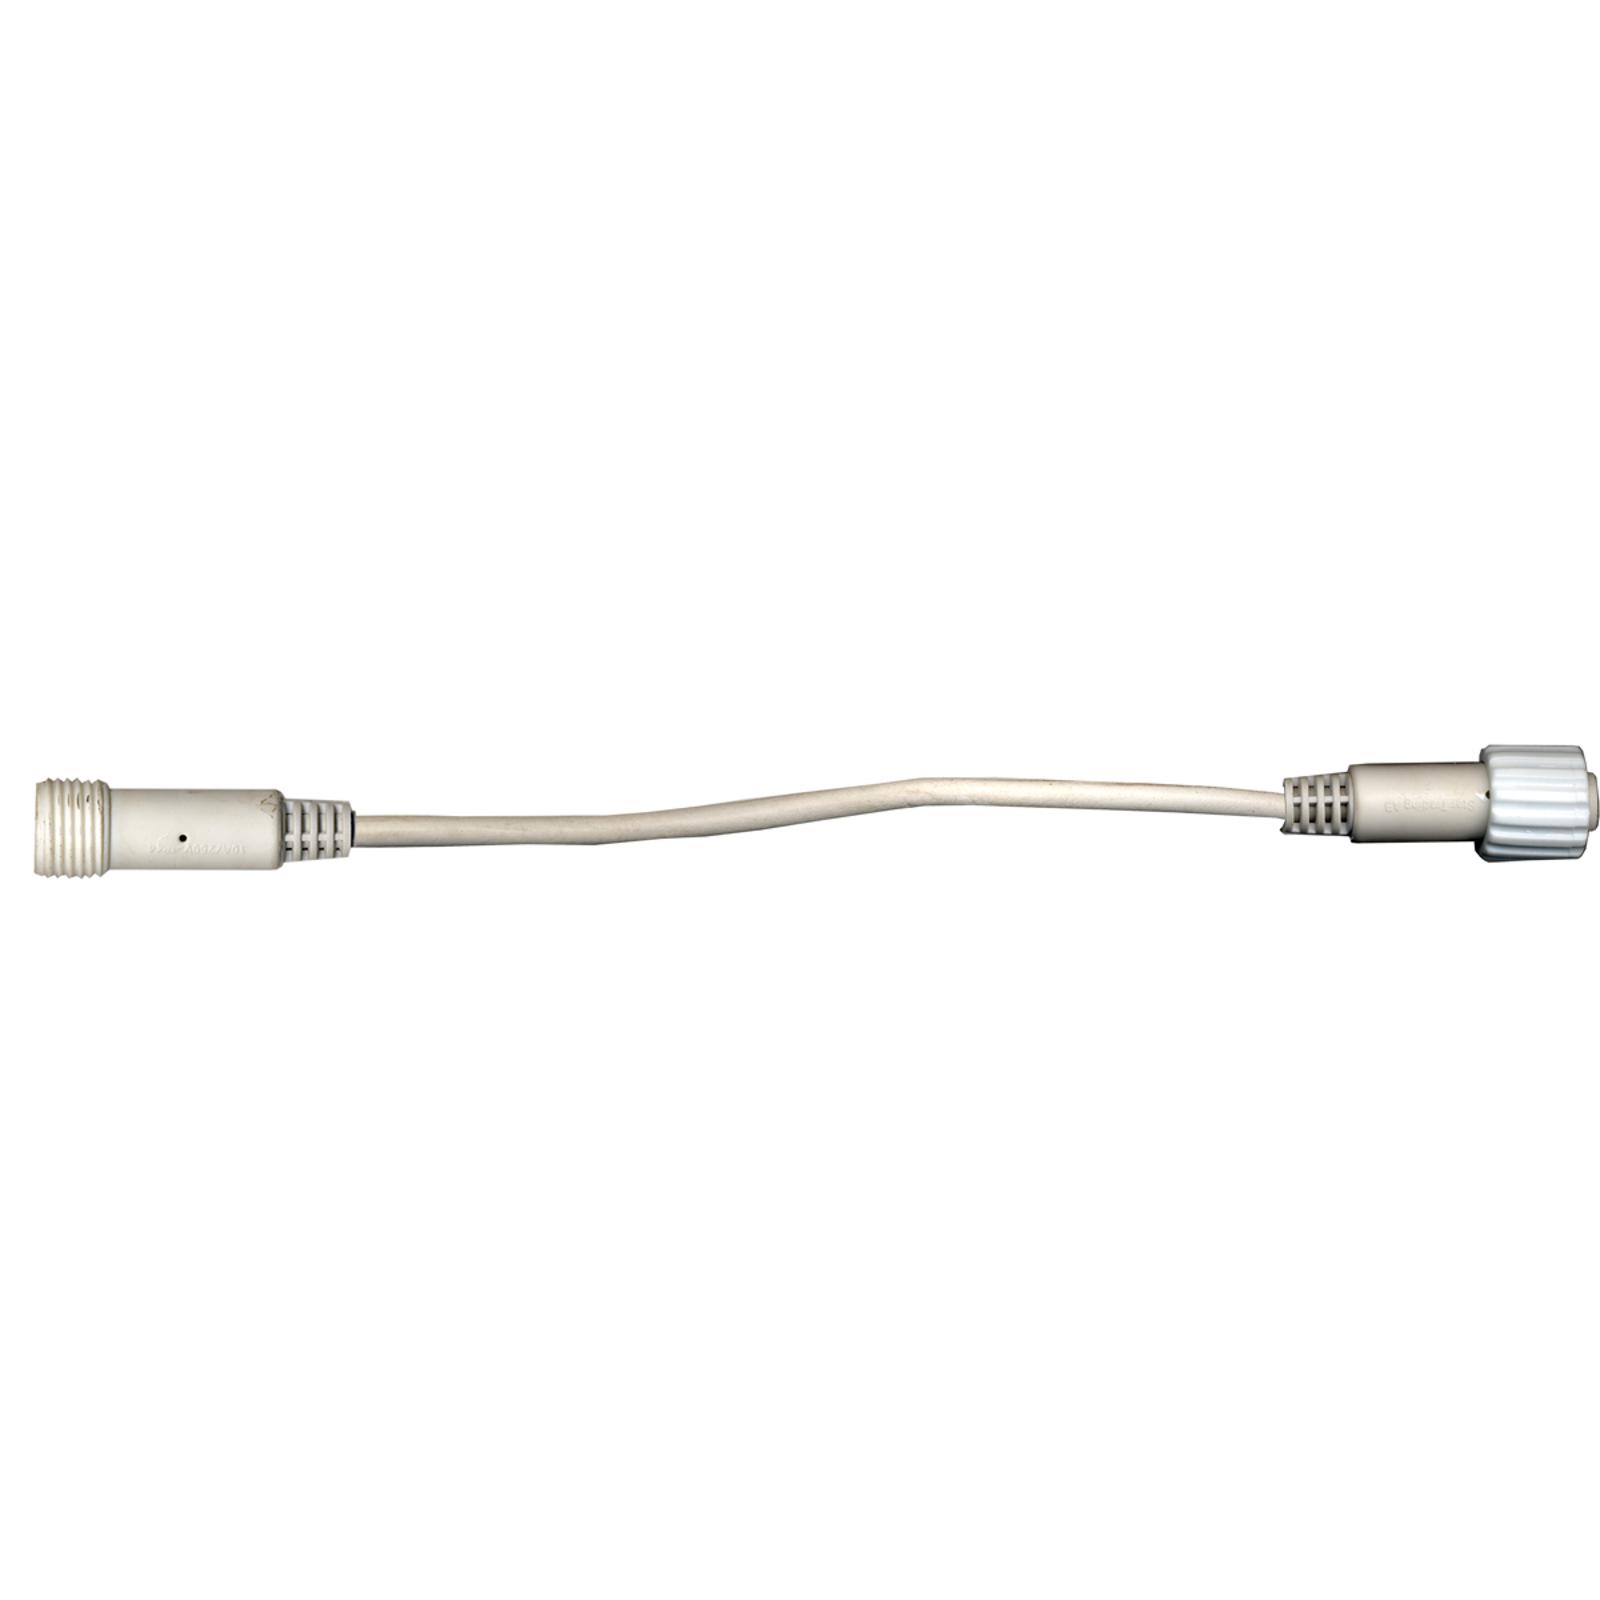 Cable de conexión estrella LED 1522448 5 metros